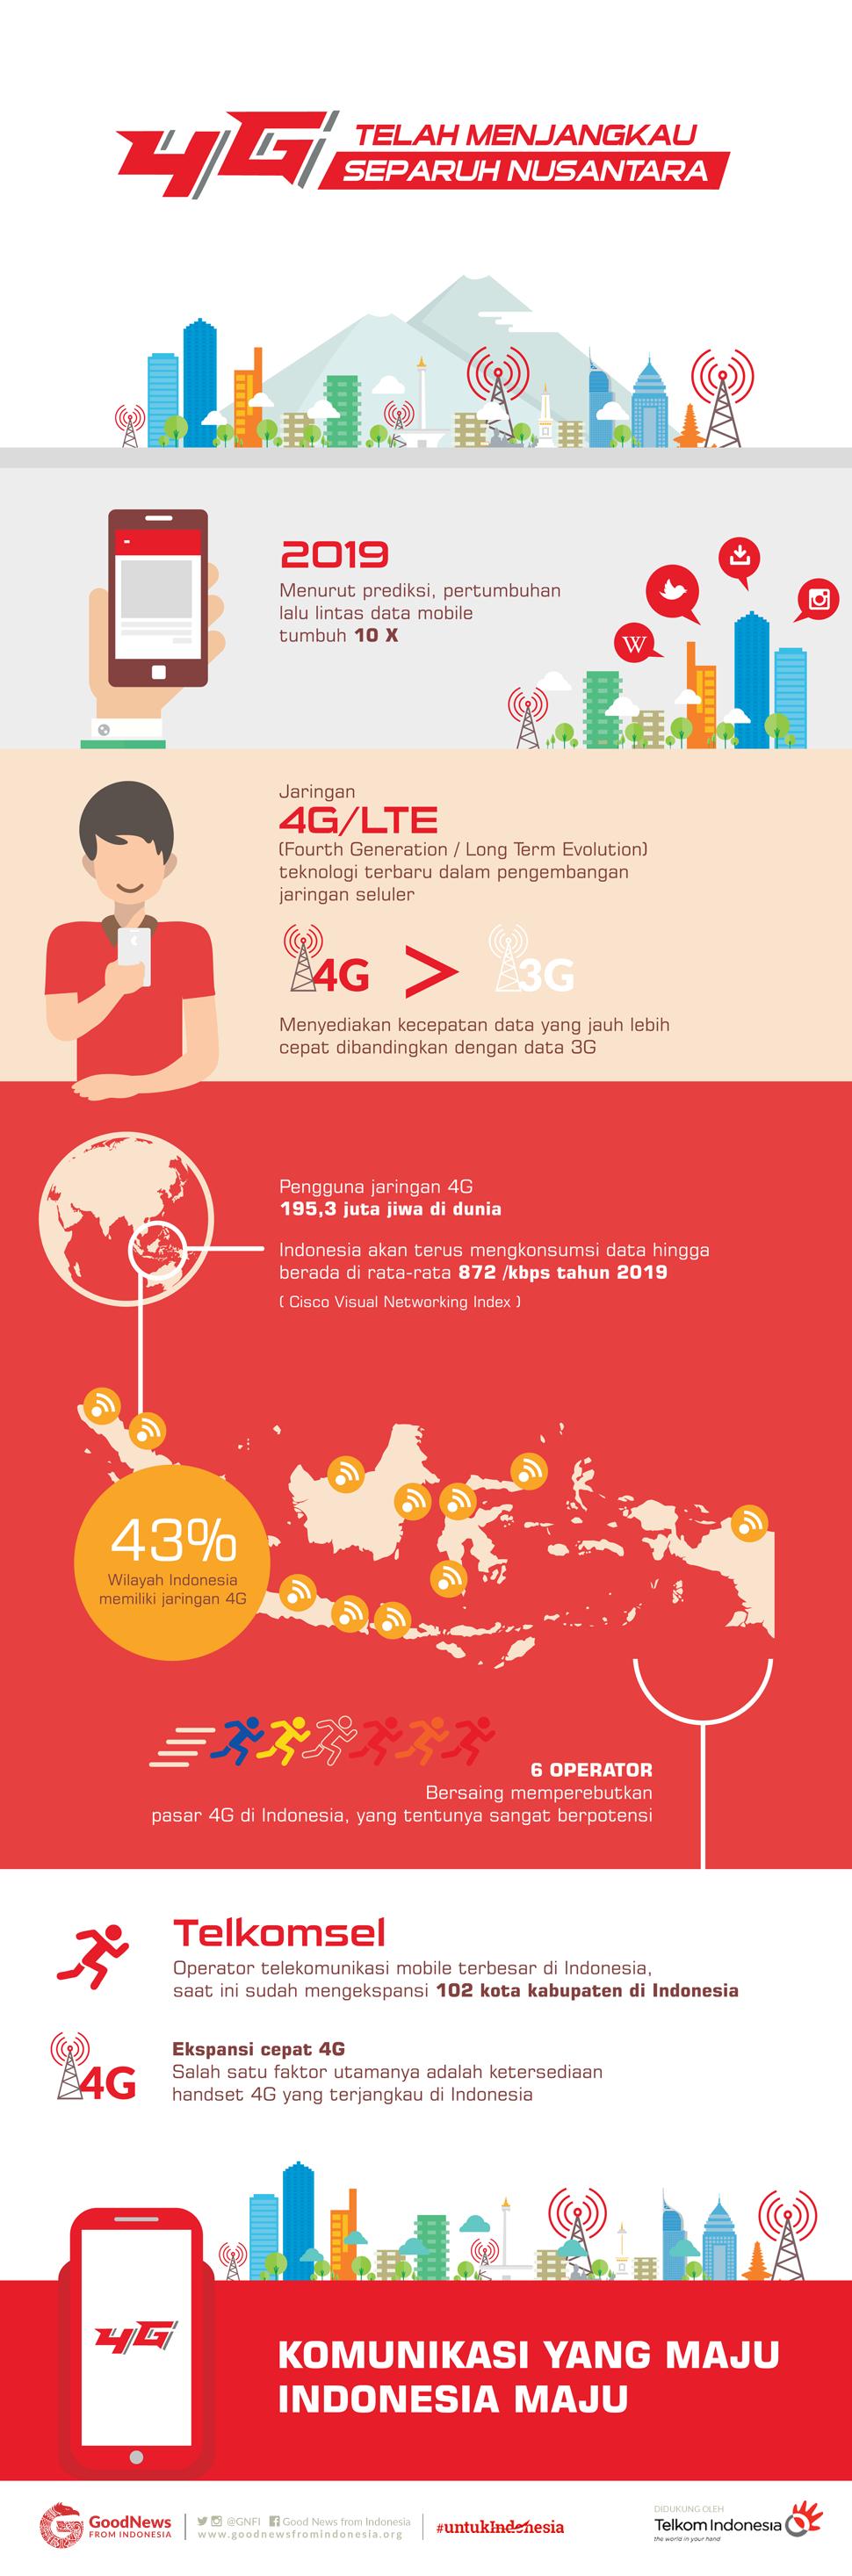 4G Telah Menjangkau Separuh Nusantara